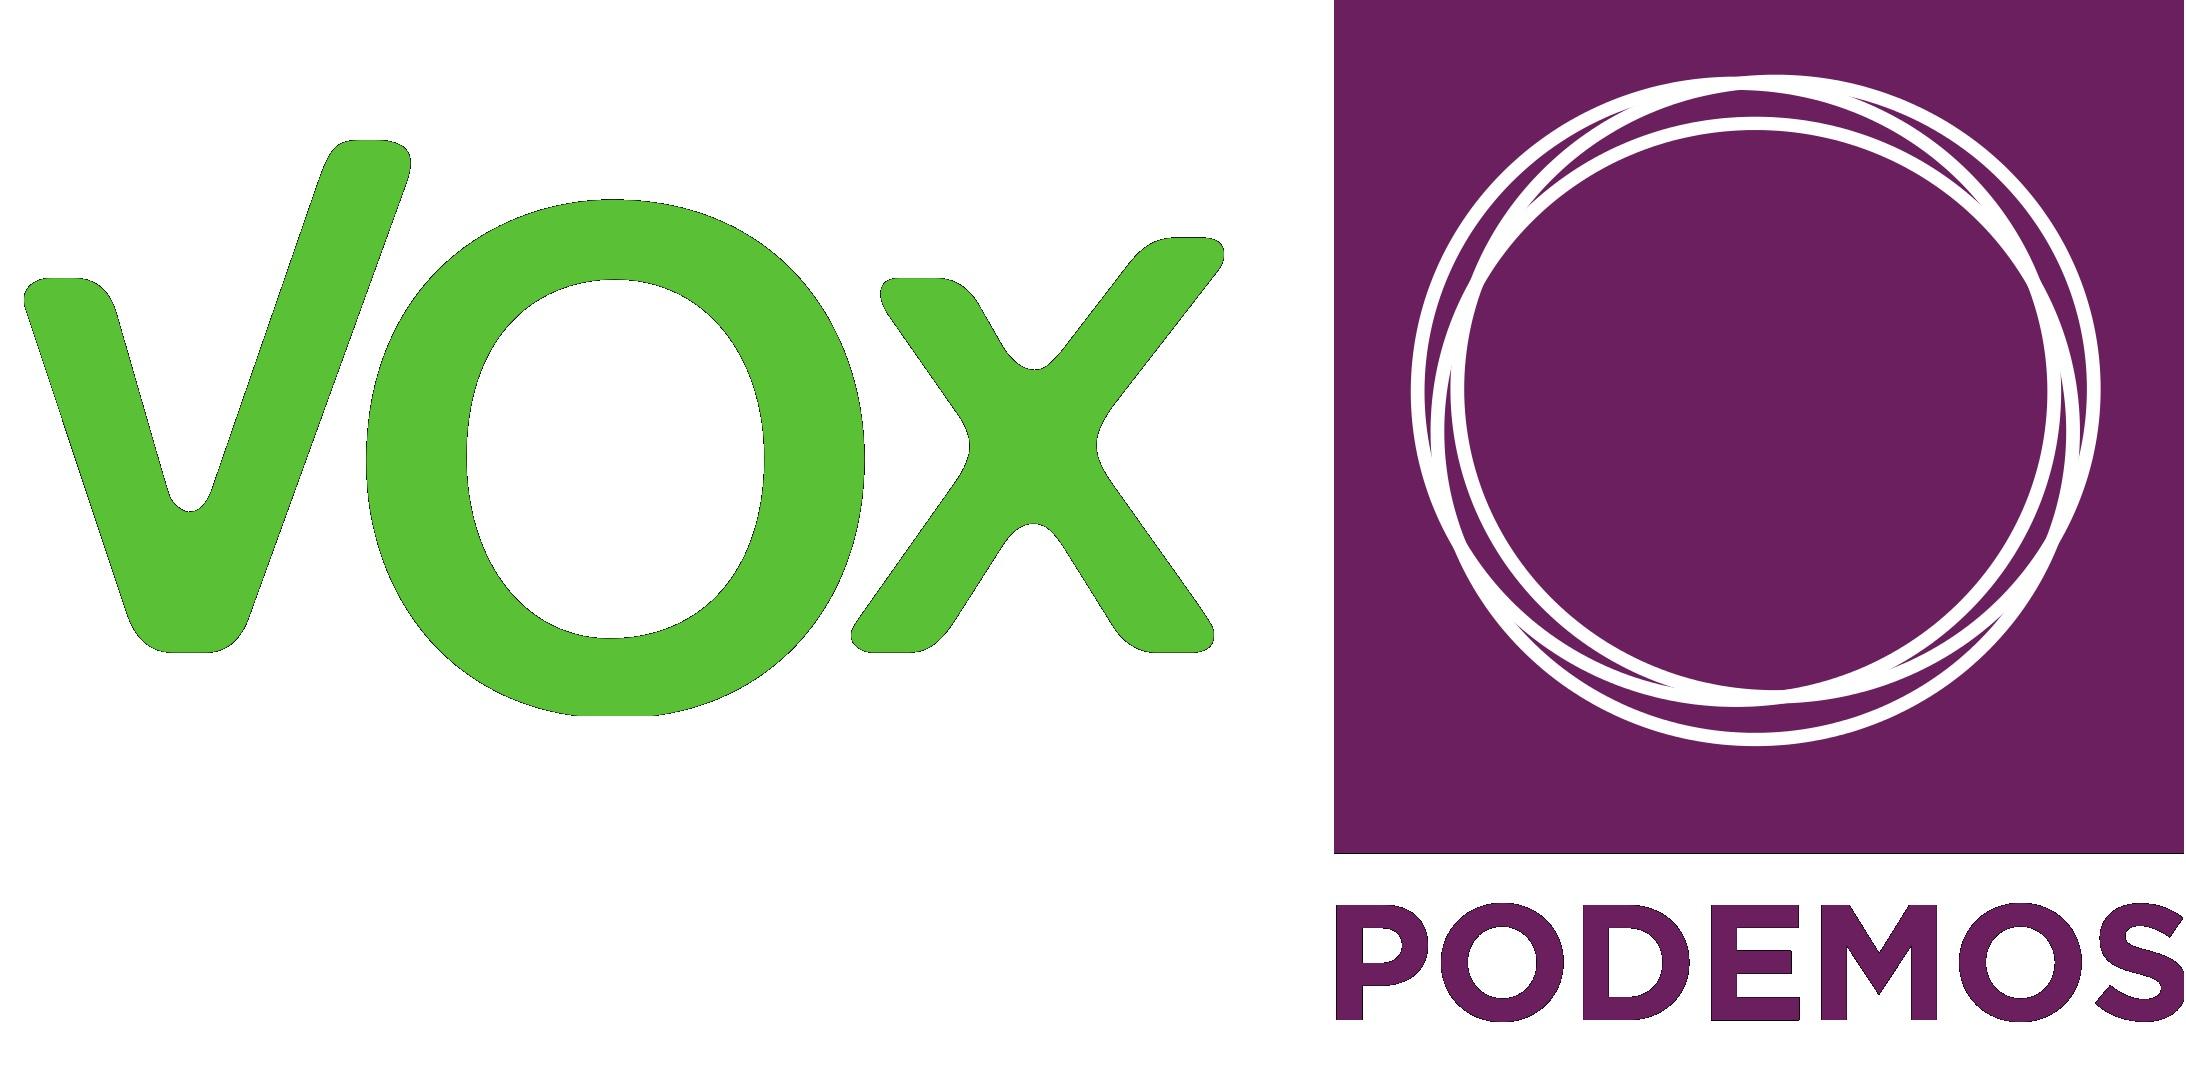 Vox y Podemos III – El verde cada vez es más morado